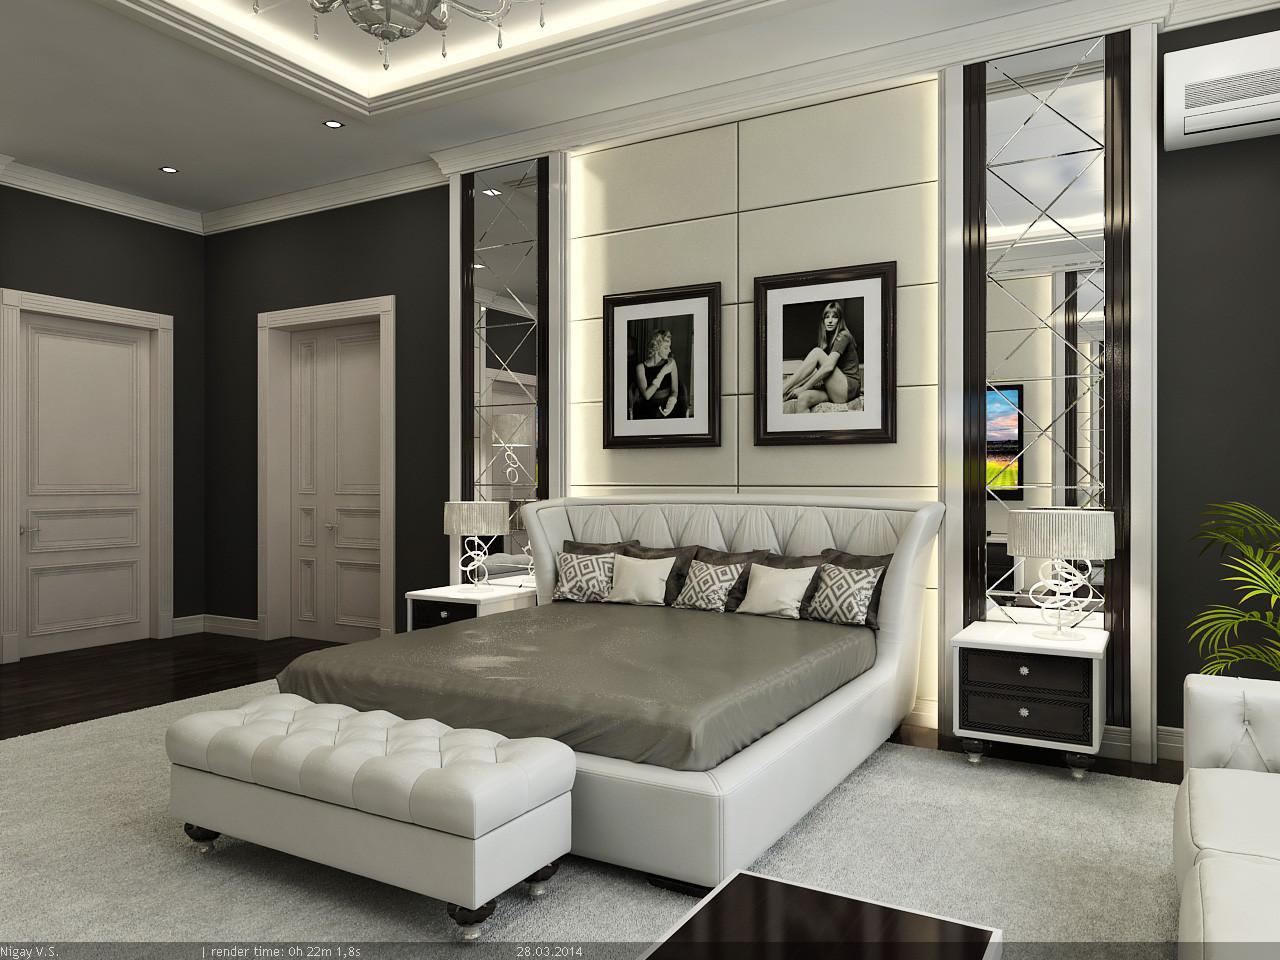 interior master bedroom 3d model on Model Bedroom Interior Design  id=12223